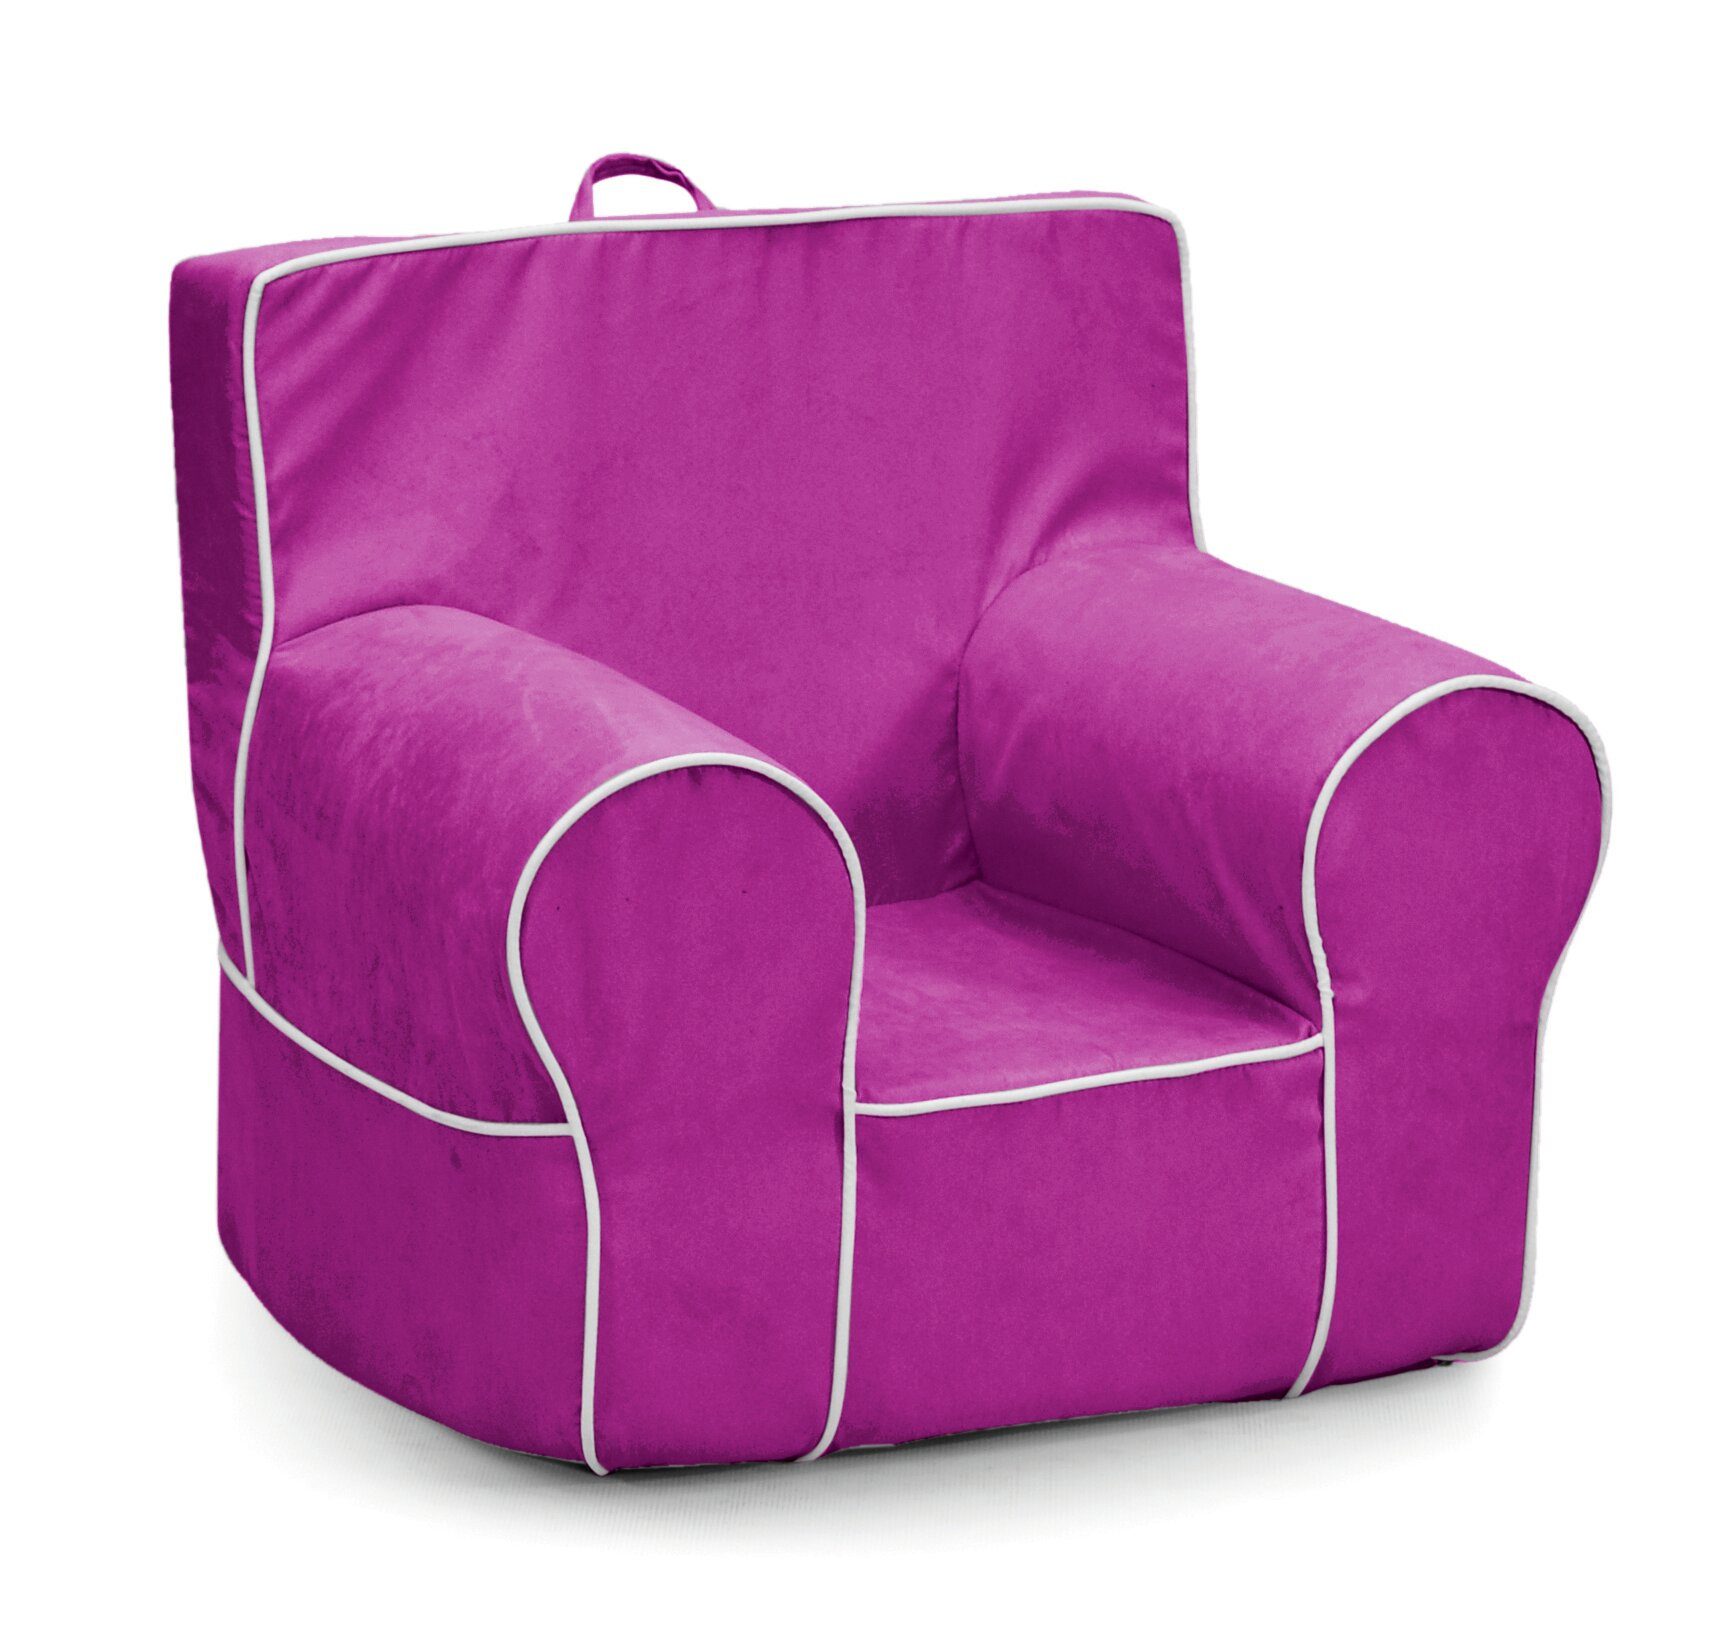 Beau KidzWorld Kids Foam Chair U0026 Reviews | Wayfair